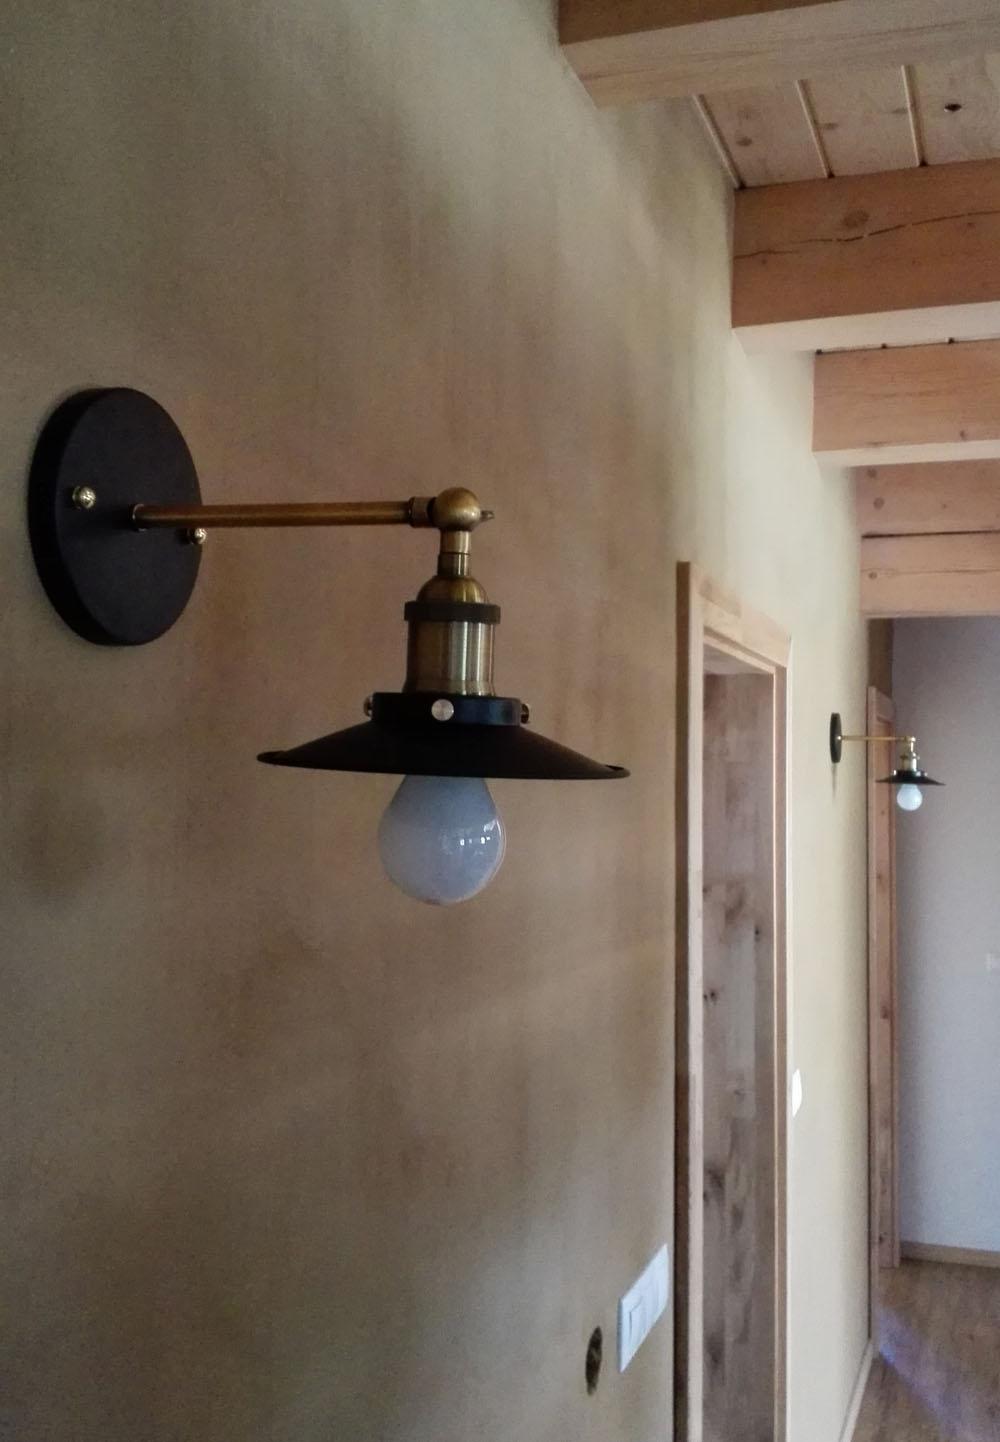 Realizácia Klienta Historické nástenné a závesné svietidlá 3 Realizácia Klienta   Historické nástenné a závesné svietidlá